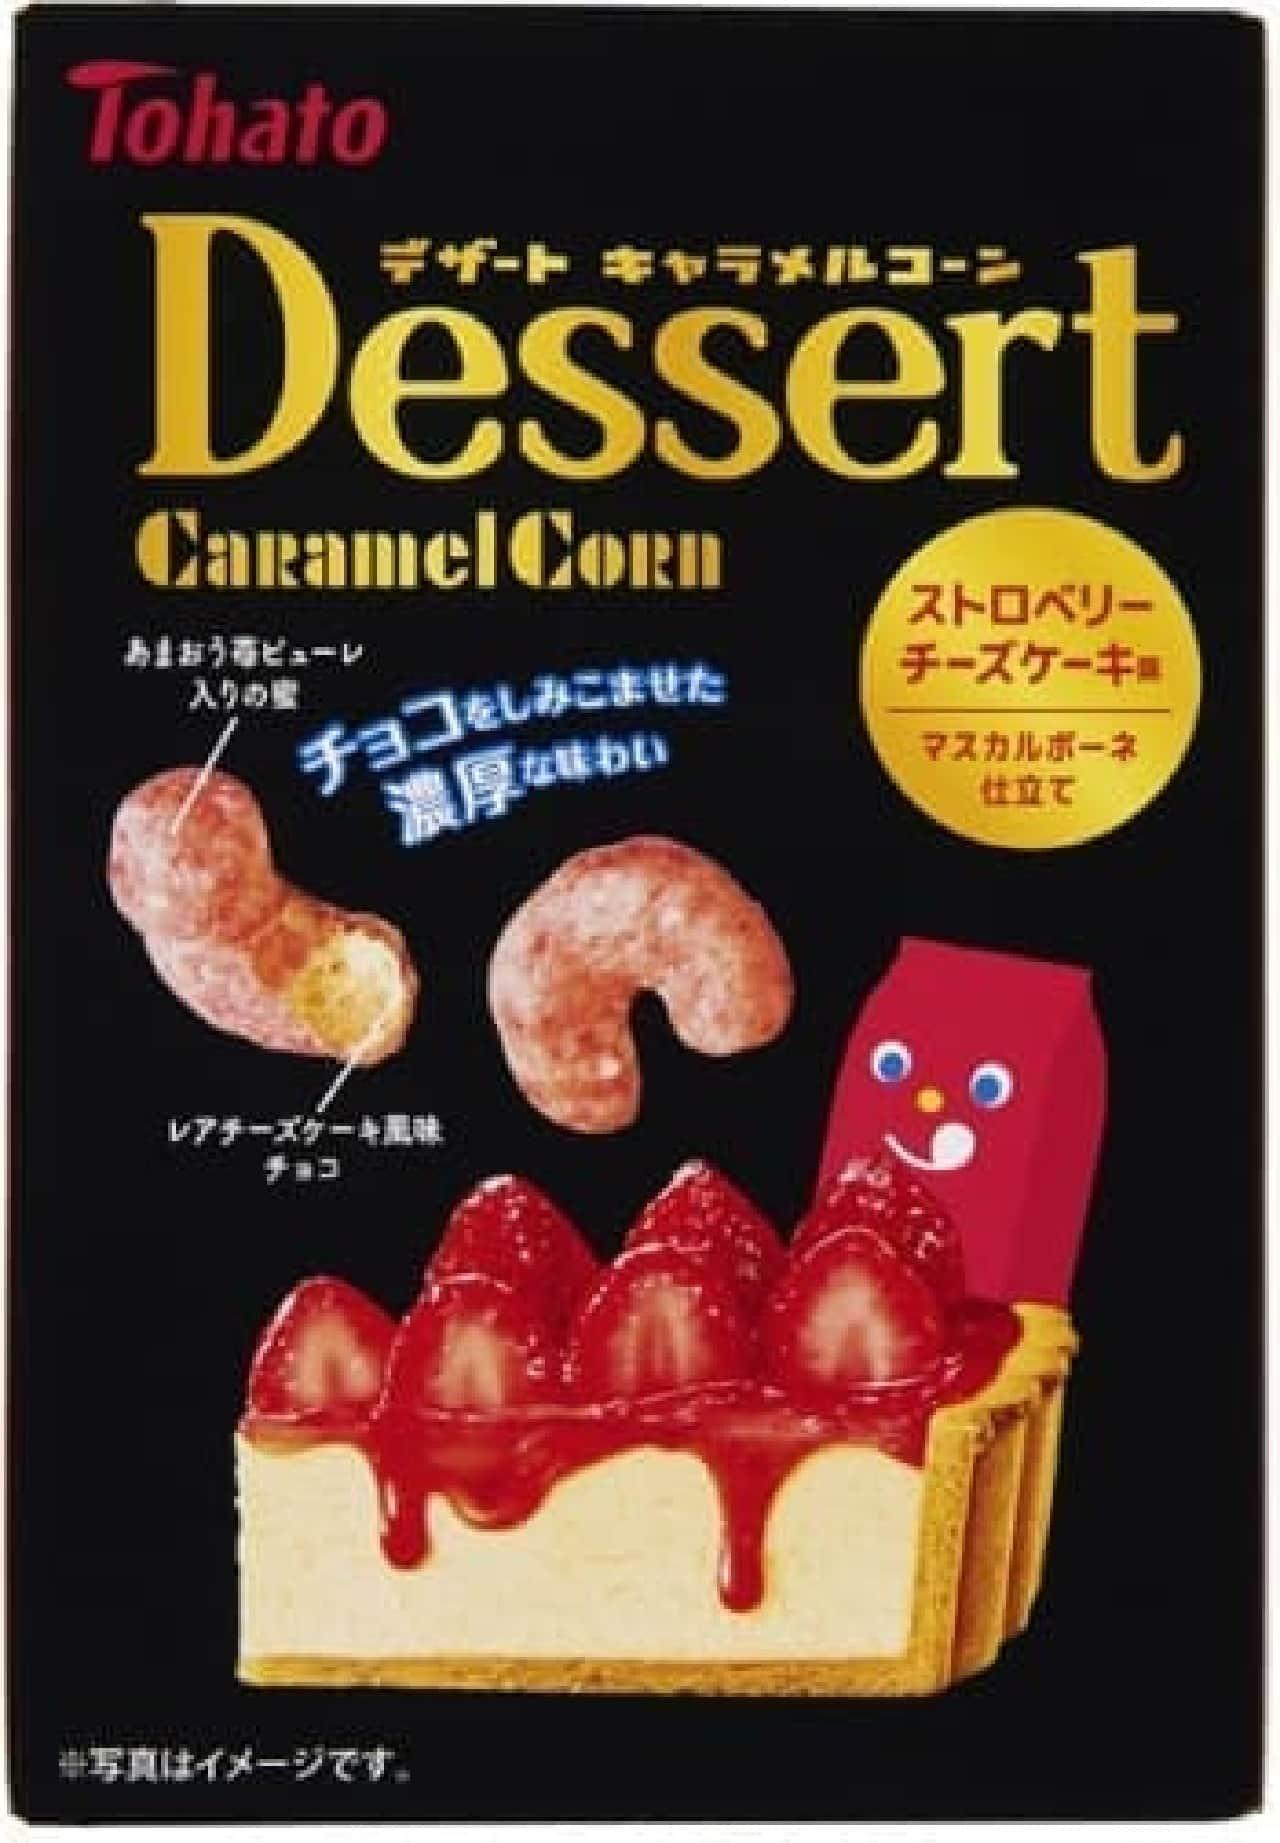 東ハト「デザートキャラメルコーン・ストロベリーチーズケーキ味」